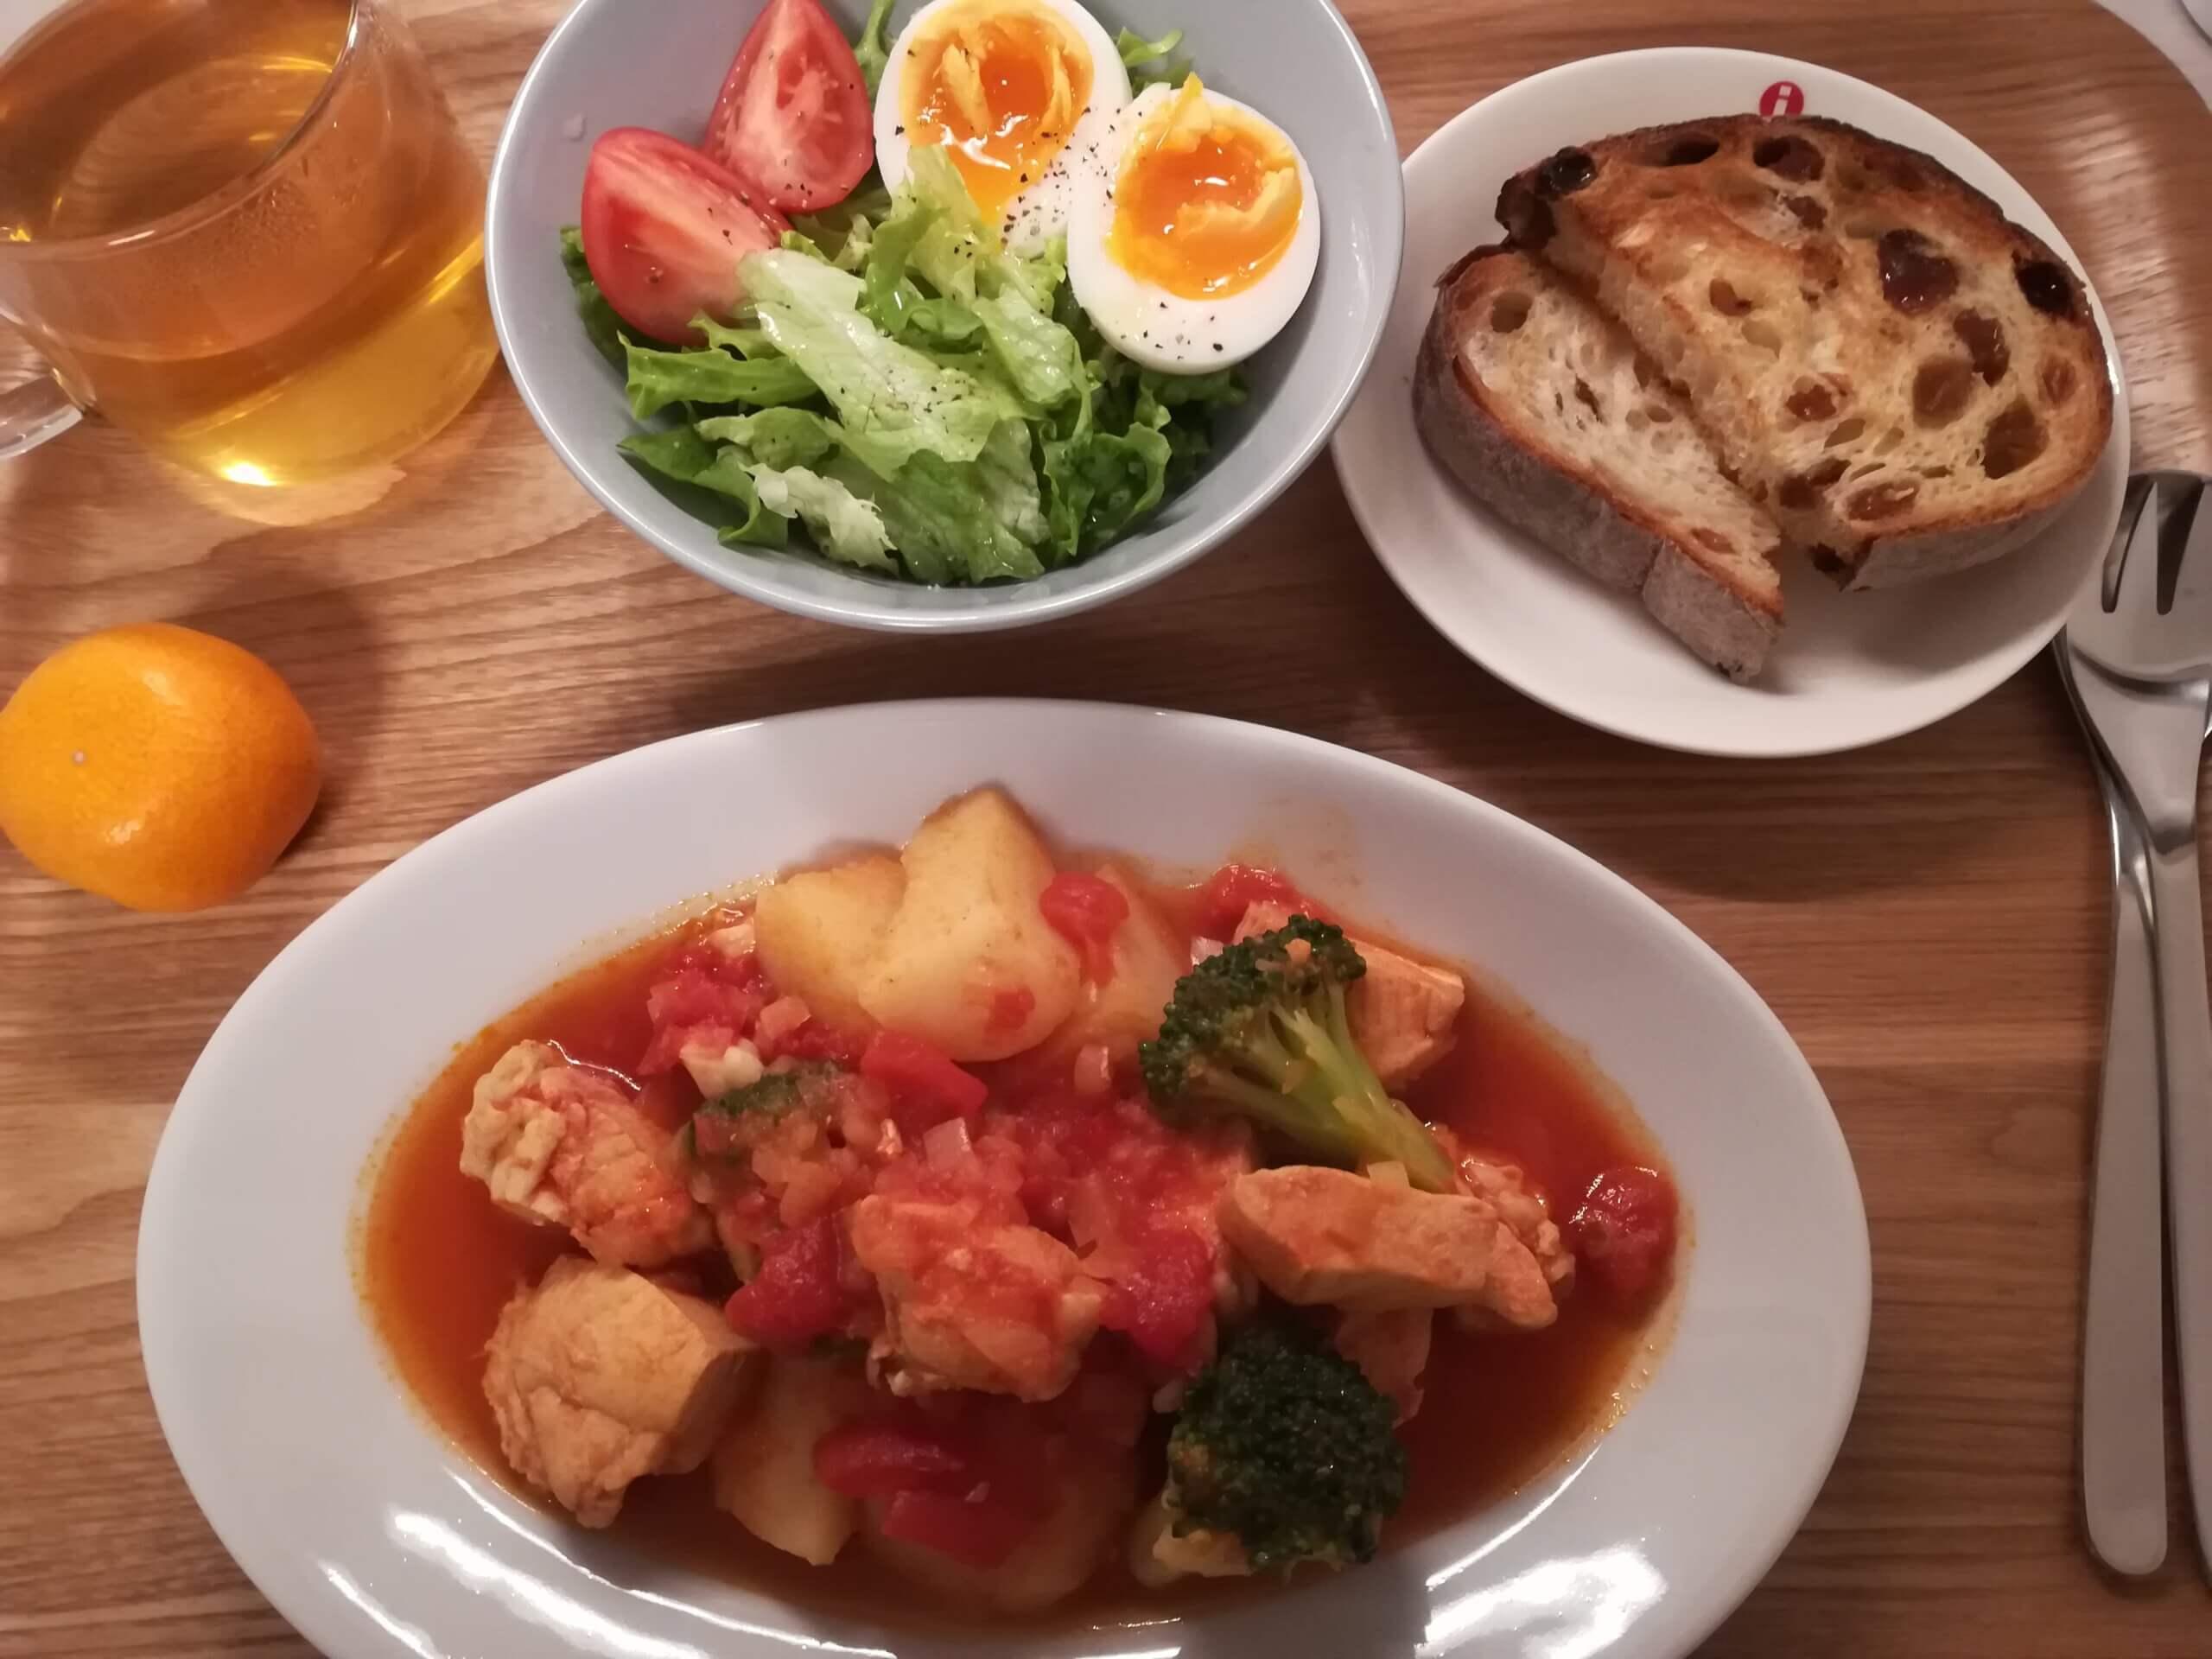 スクランブルエッグのホットドック/トマト煮込みとレーズンパン